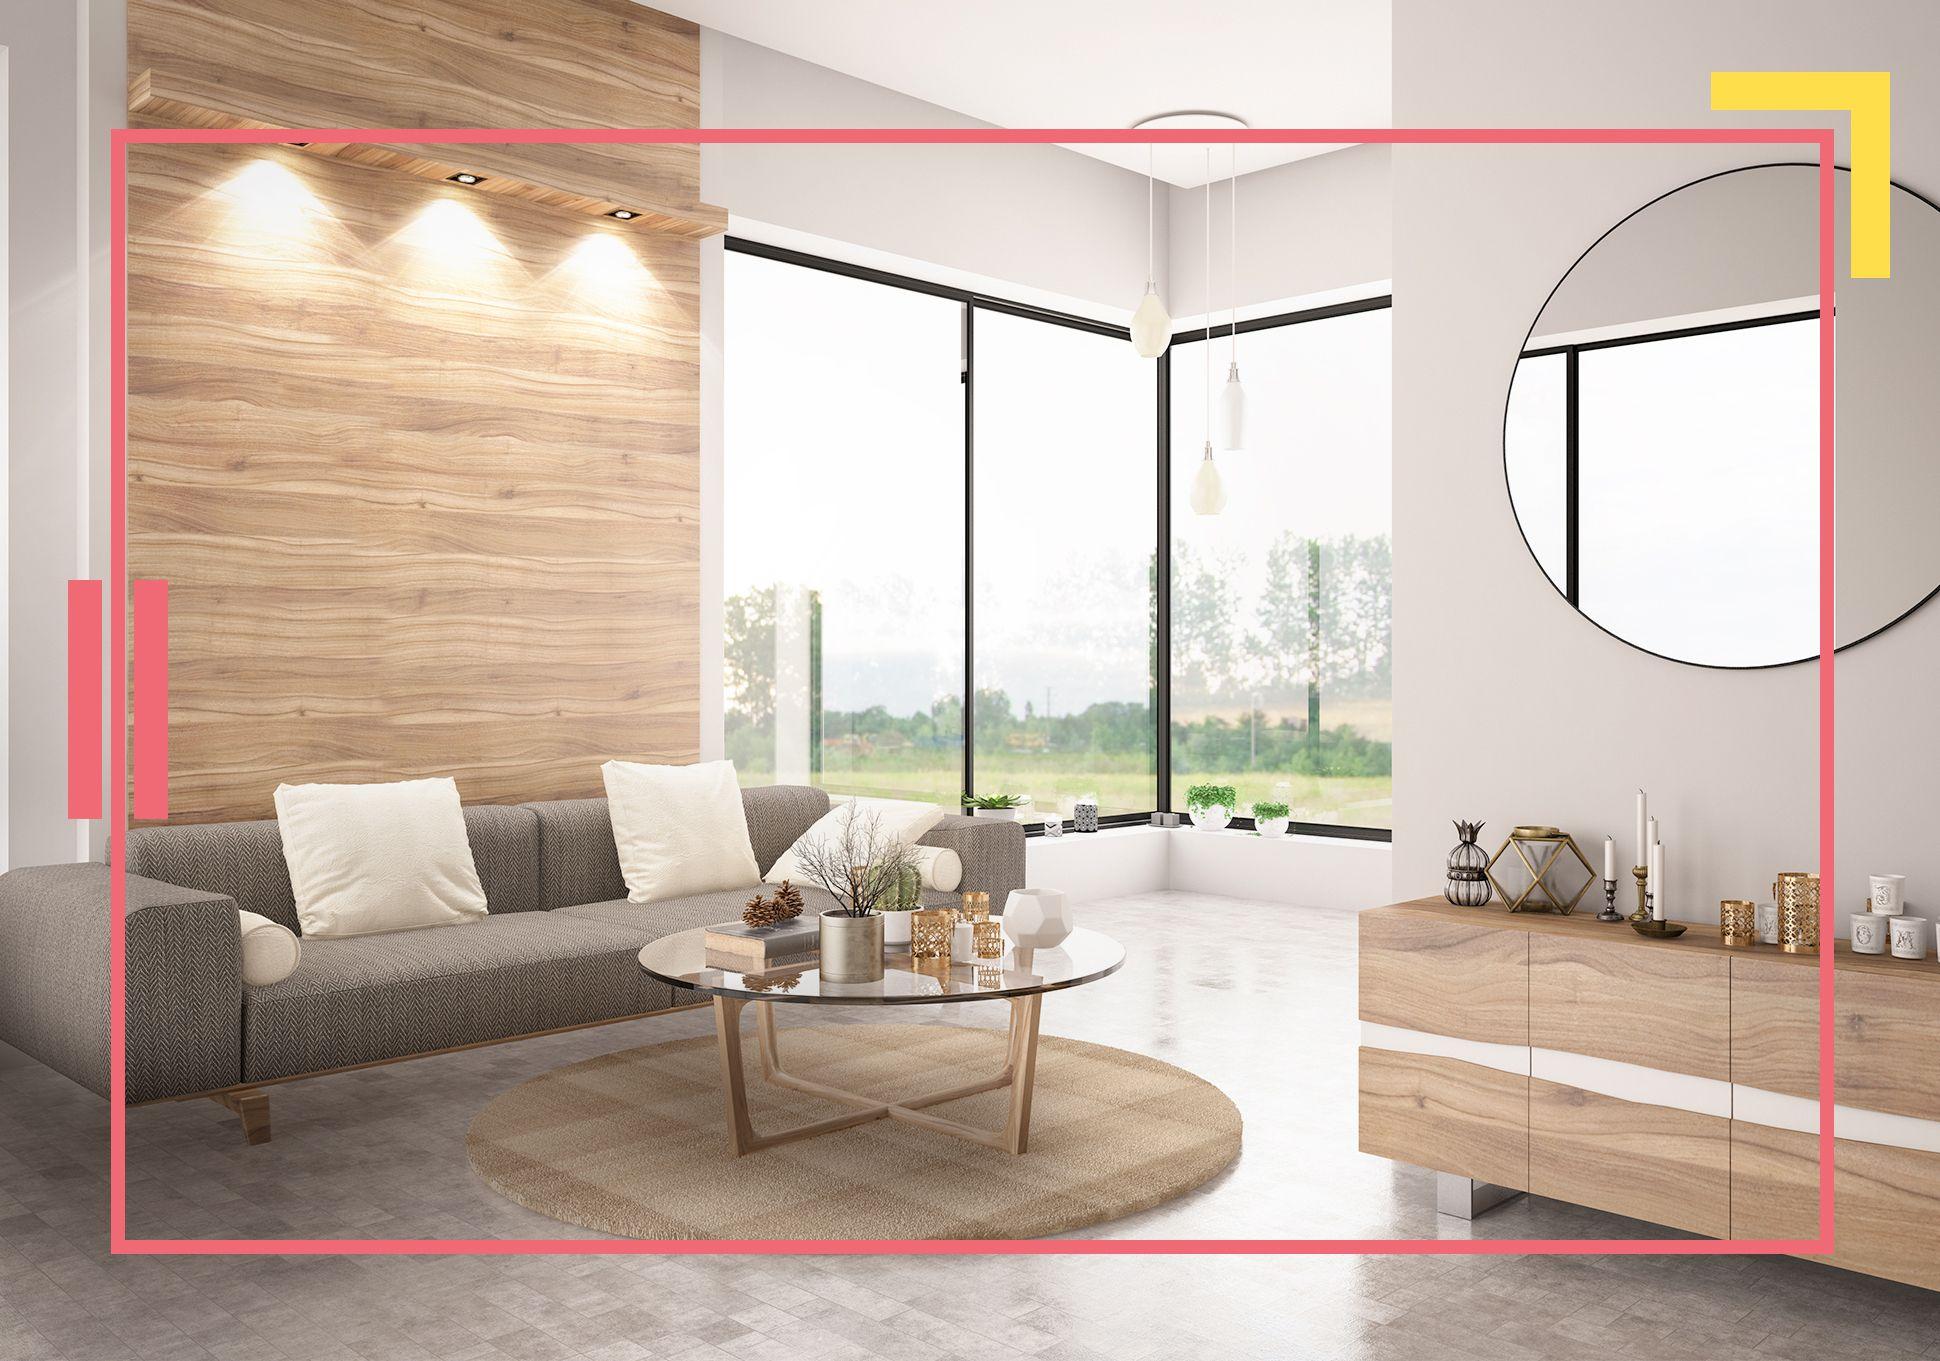 hockley oak 8 7 in w x 47 64 in l luxury vinyl plank flooring 20 06 sq ft case